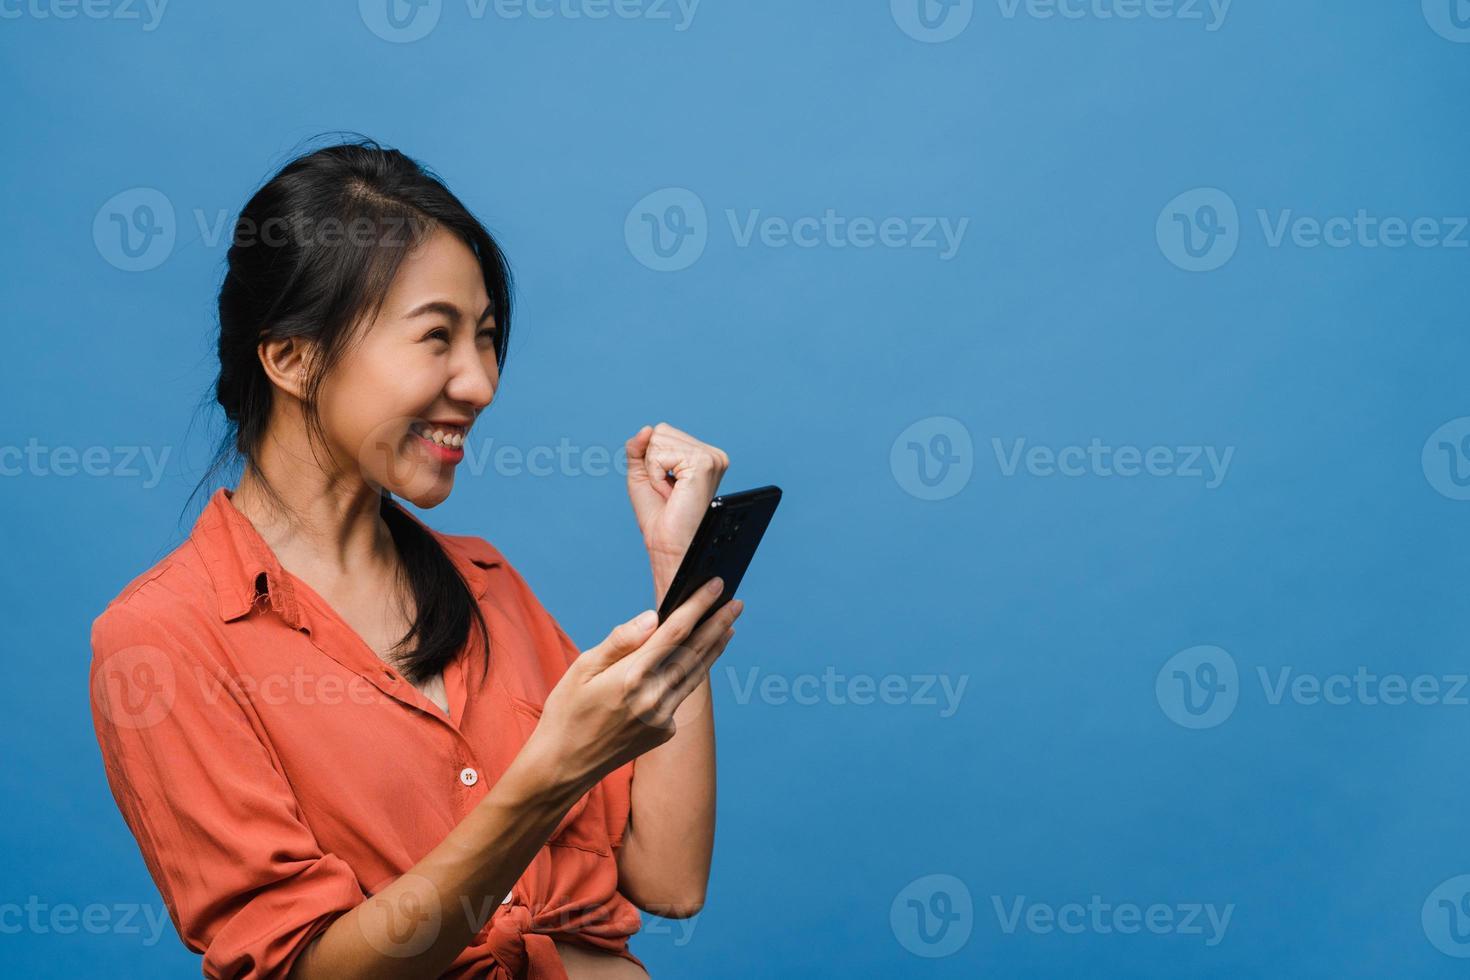 überraschte junge asiatische dame, die handy mit positivem ausdruck benutzt, breit lächelt, in lässiger kleidung gekleidet und auf blauem hintergrund isoliert steht. glückliche entzückende frohe frau freut sich über erfolg. foto